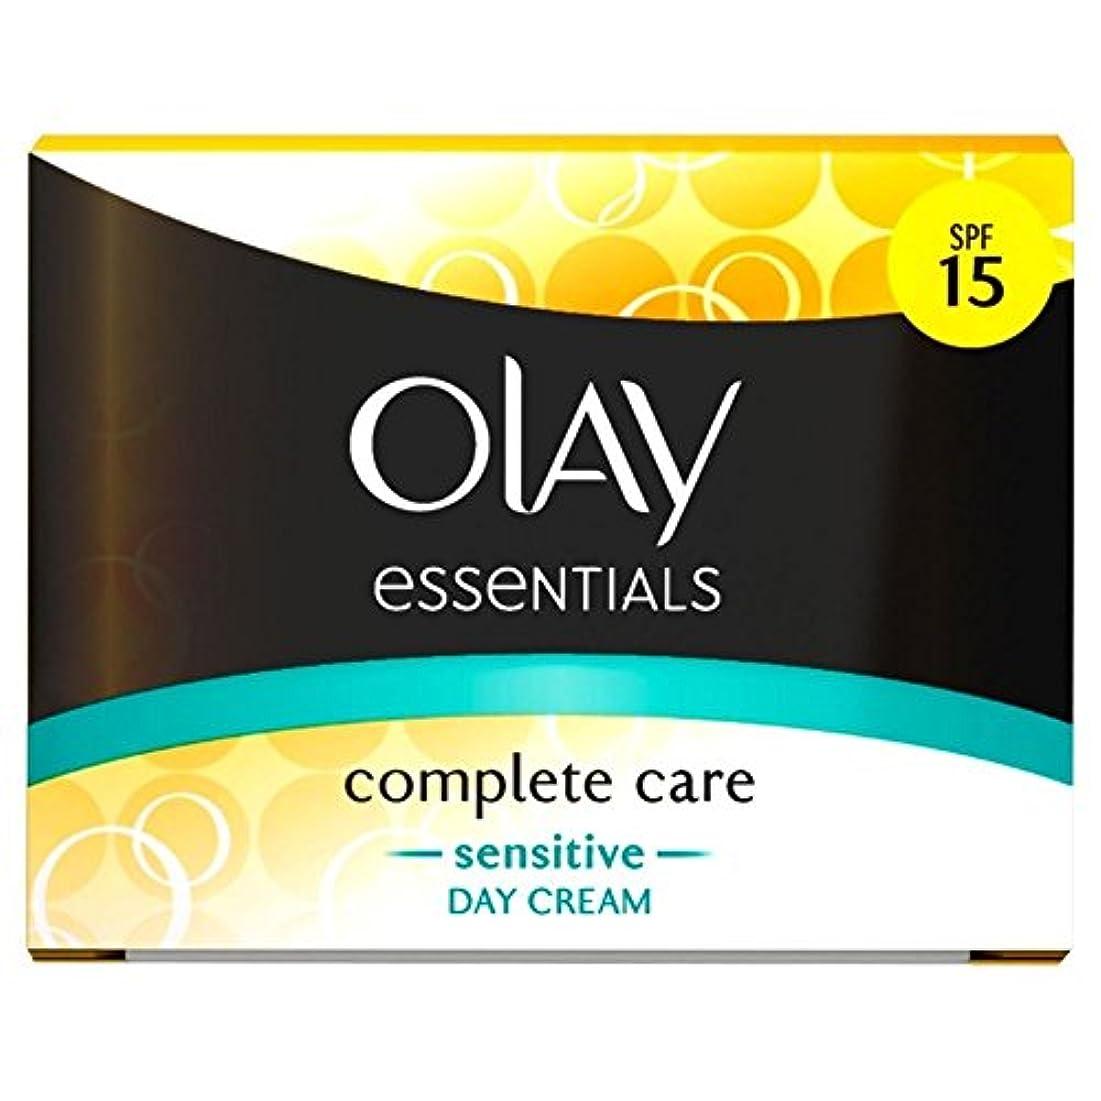 非難する斧プレーヤーOlay Complete Care Daily Sensitive UV Cream SPF 15 (50ml) オーレイコンプリートケア毎日の敏感なuvクリームspf 15 ( 50ミリリットル)